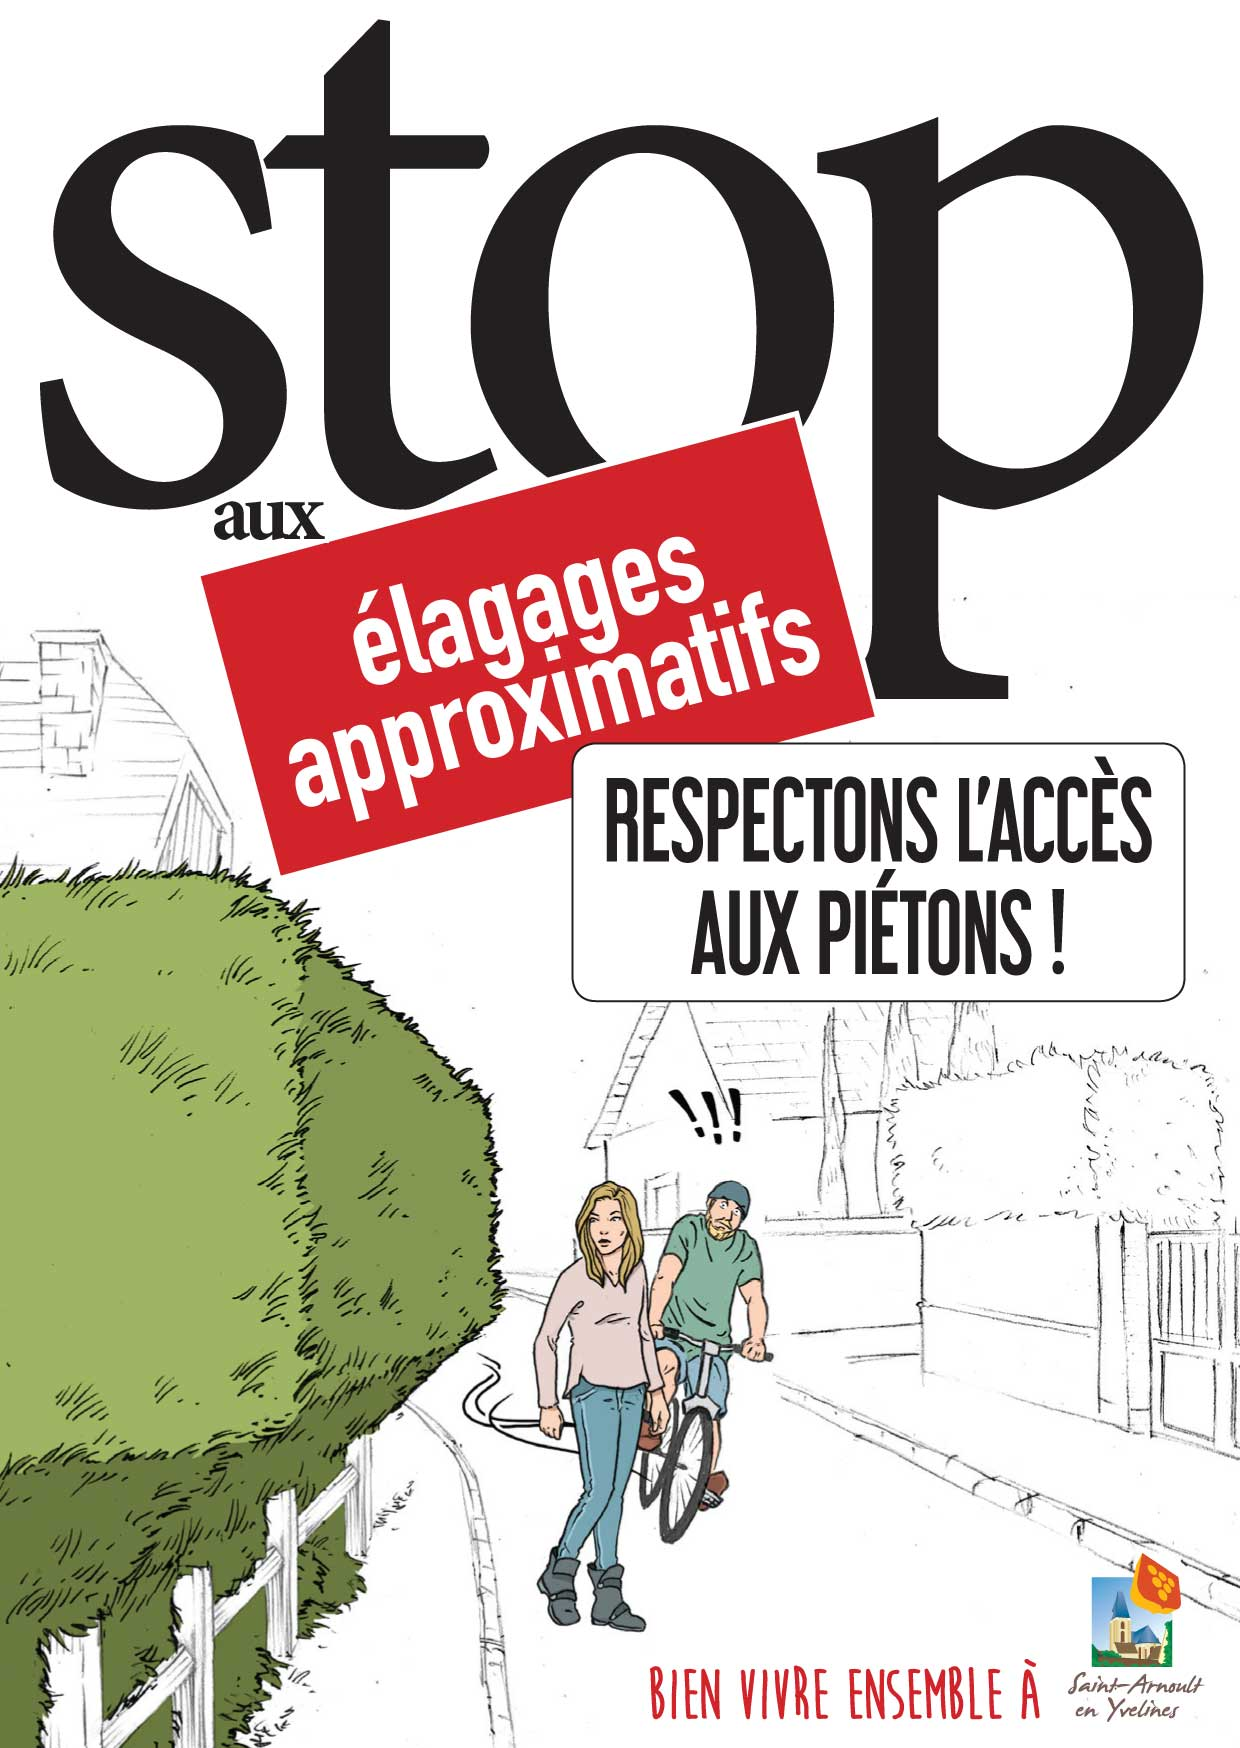 Stop-aux-élagages-approximatifs-1.jpg